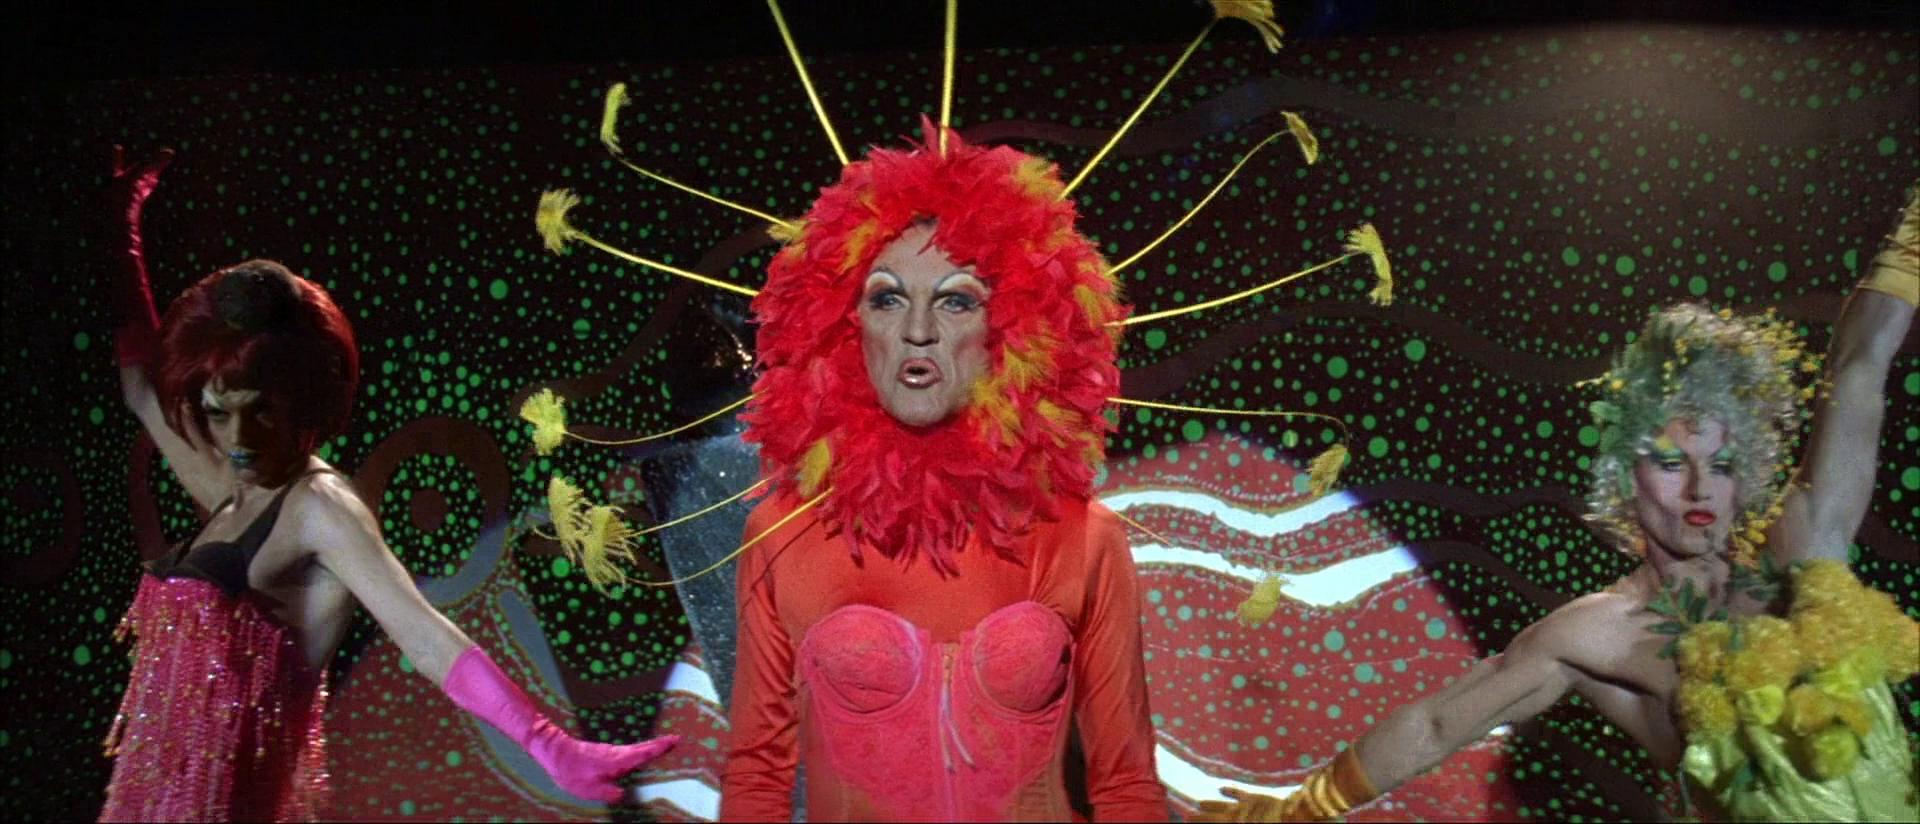 The Adventures of Priscilla, Queen of the Desert (1994) - Photo Gallery -  IMDb